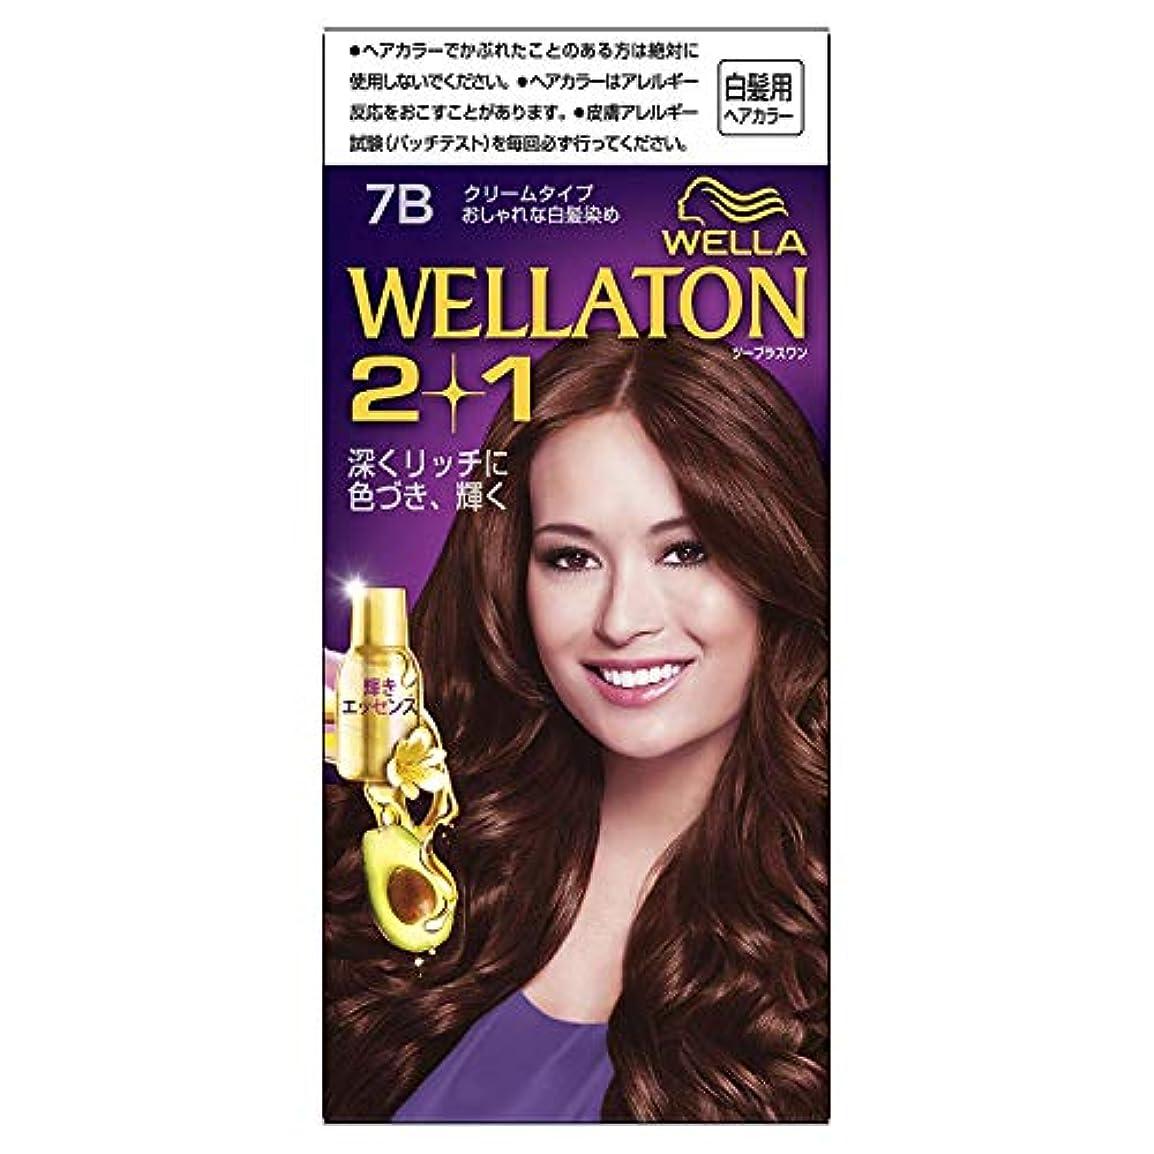 三に慣れウエラトーン2+1 白髪染め クリームタイプ 7B [医薬部外品]×6個